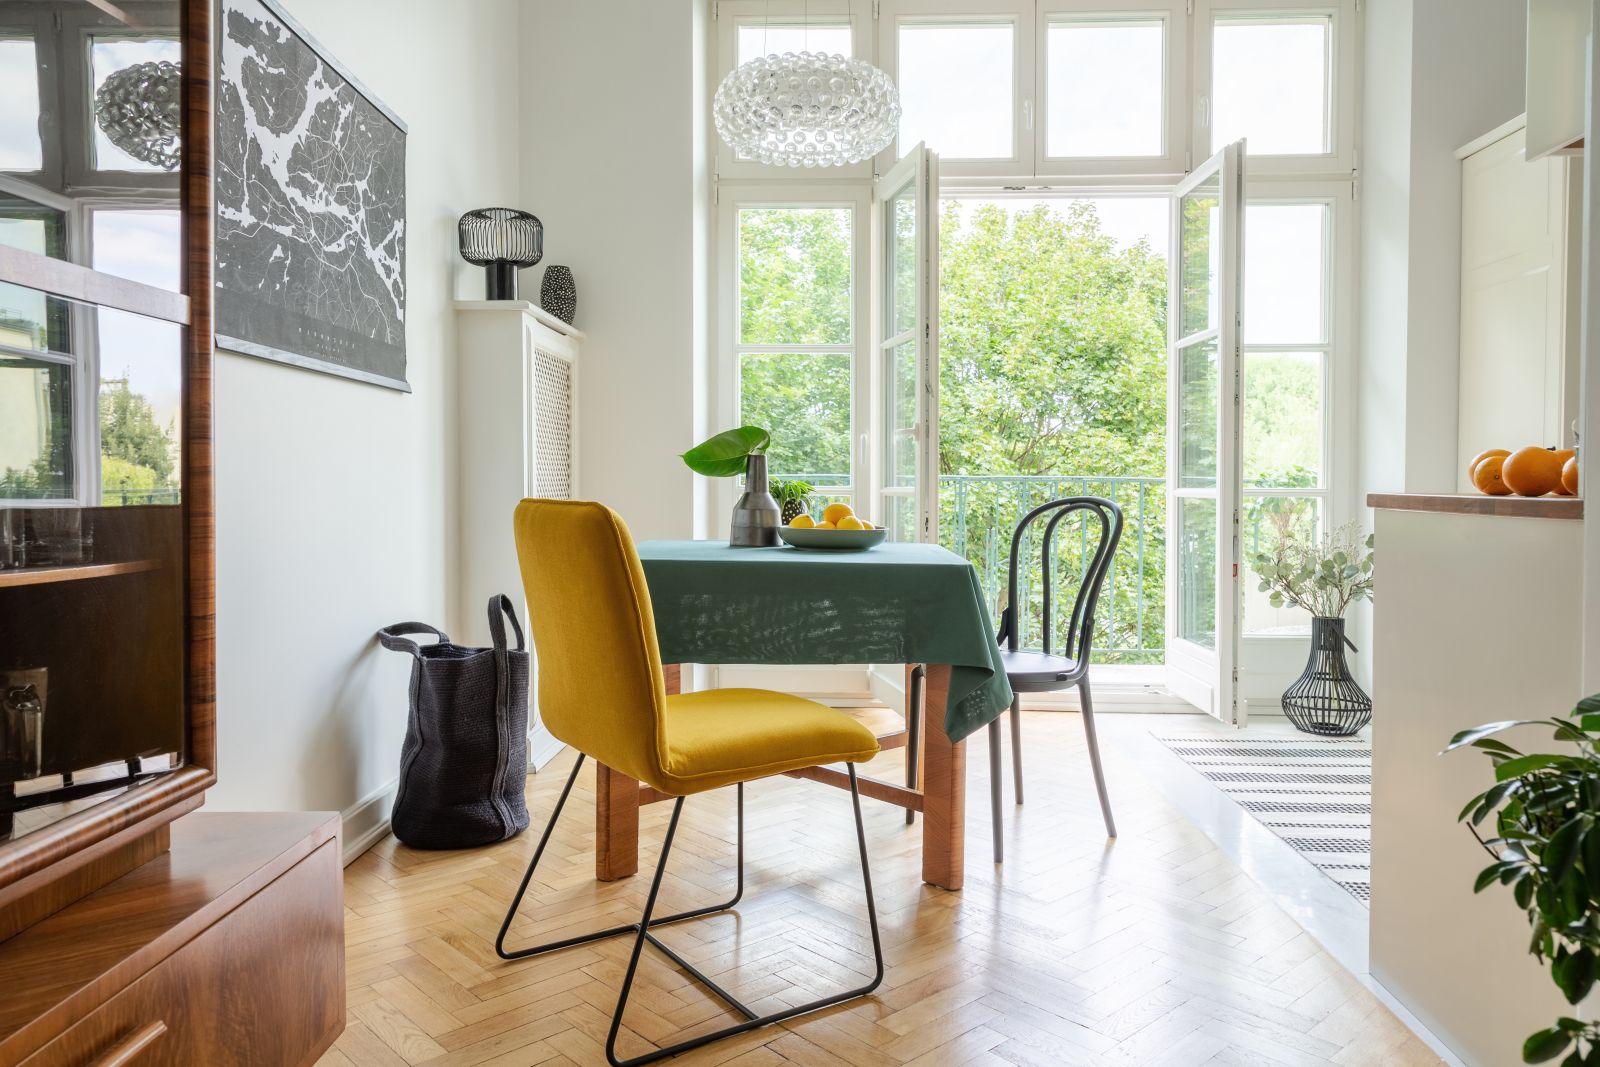 Beginnen Sie Ihr Balkon Wohlfühl-Projekt